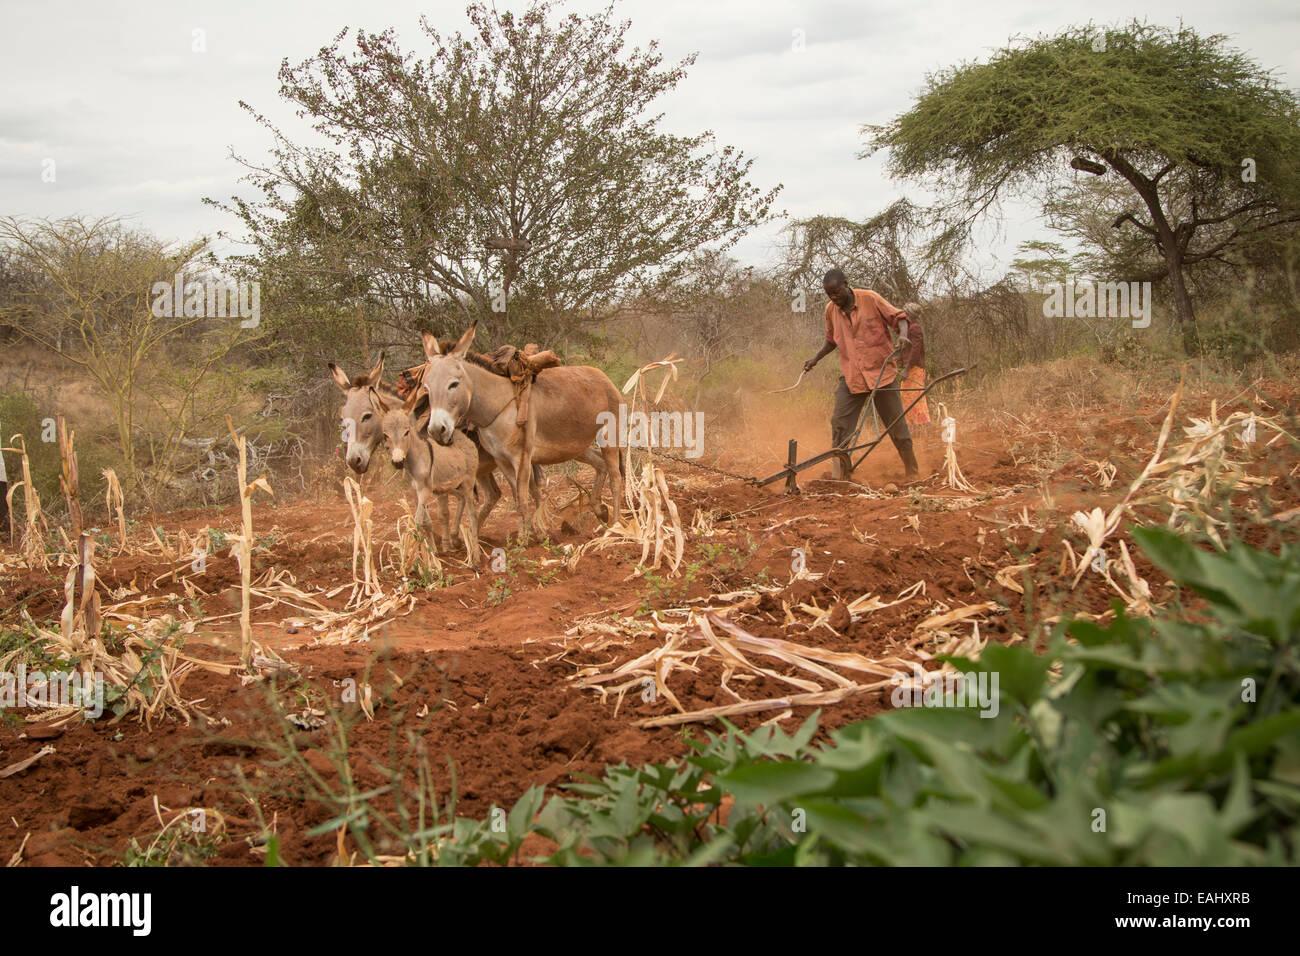 Un pequeño agricultor utiliza burros para arar su campo en el condado de Makueni, Kenia, África Oriental. Imagen De Stock